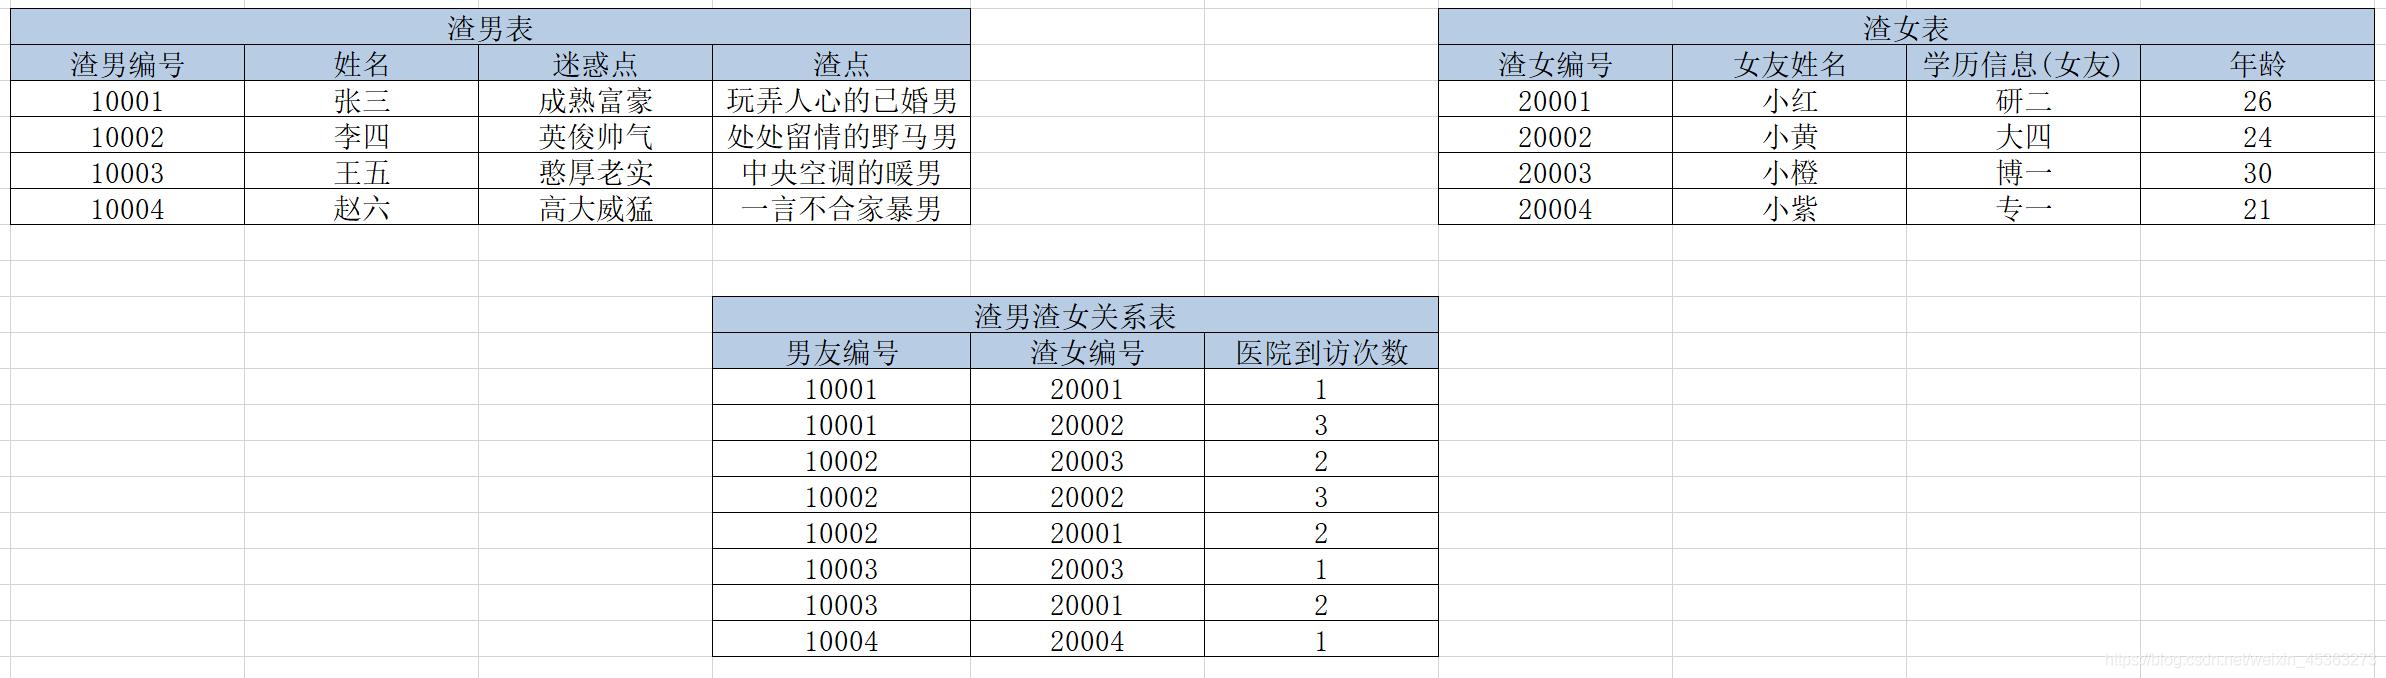 人渣系统表设计3.0-第二范式后